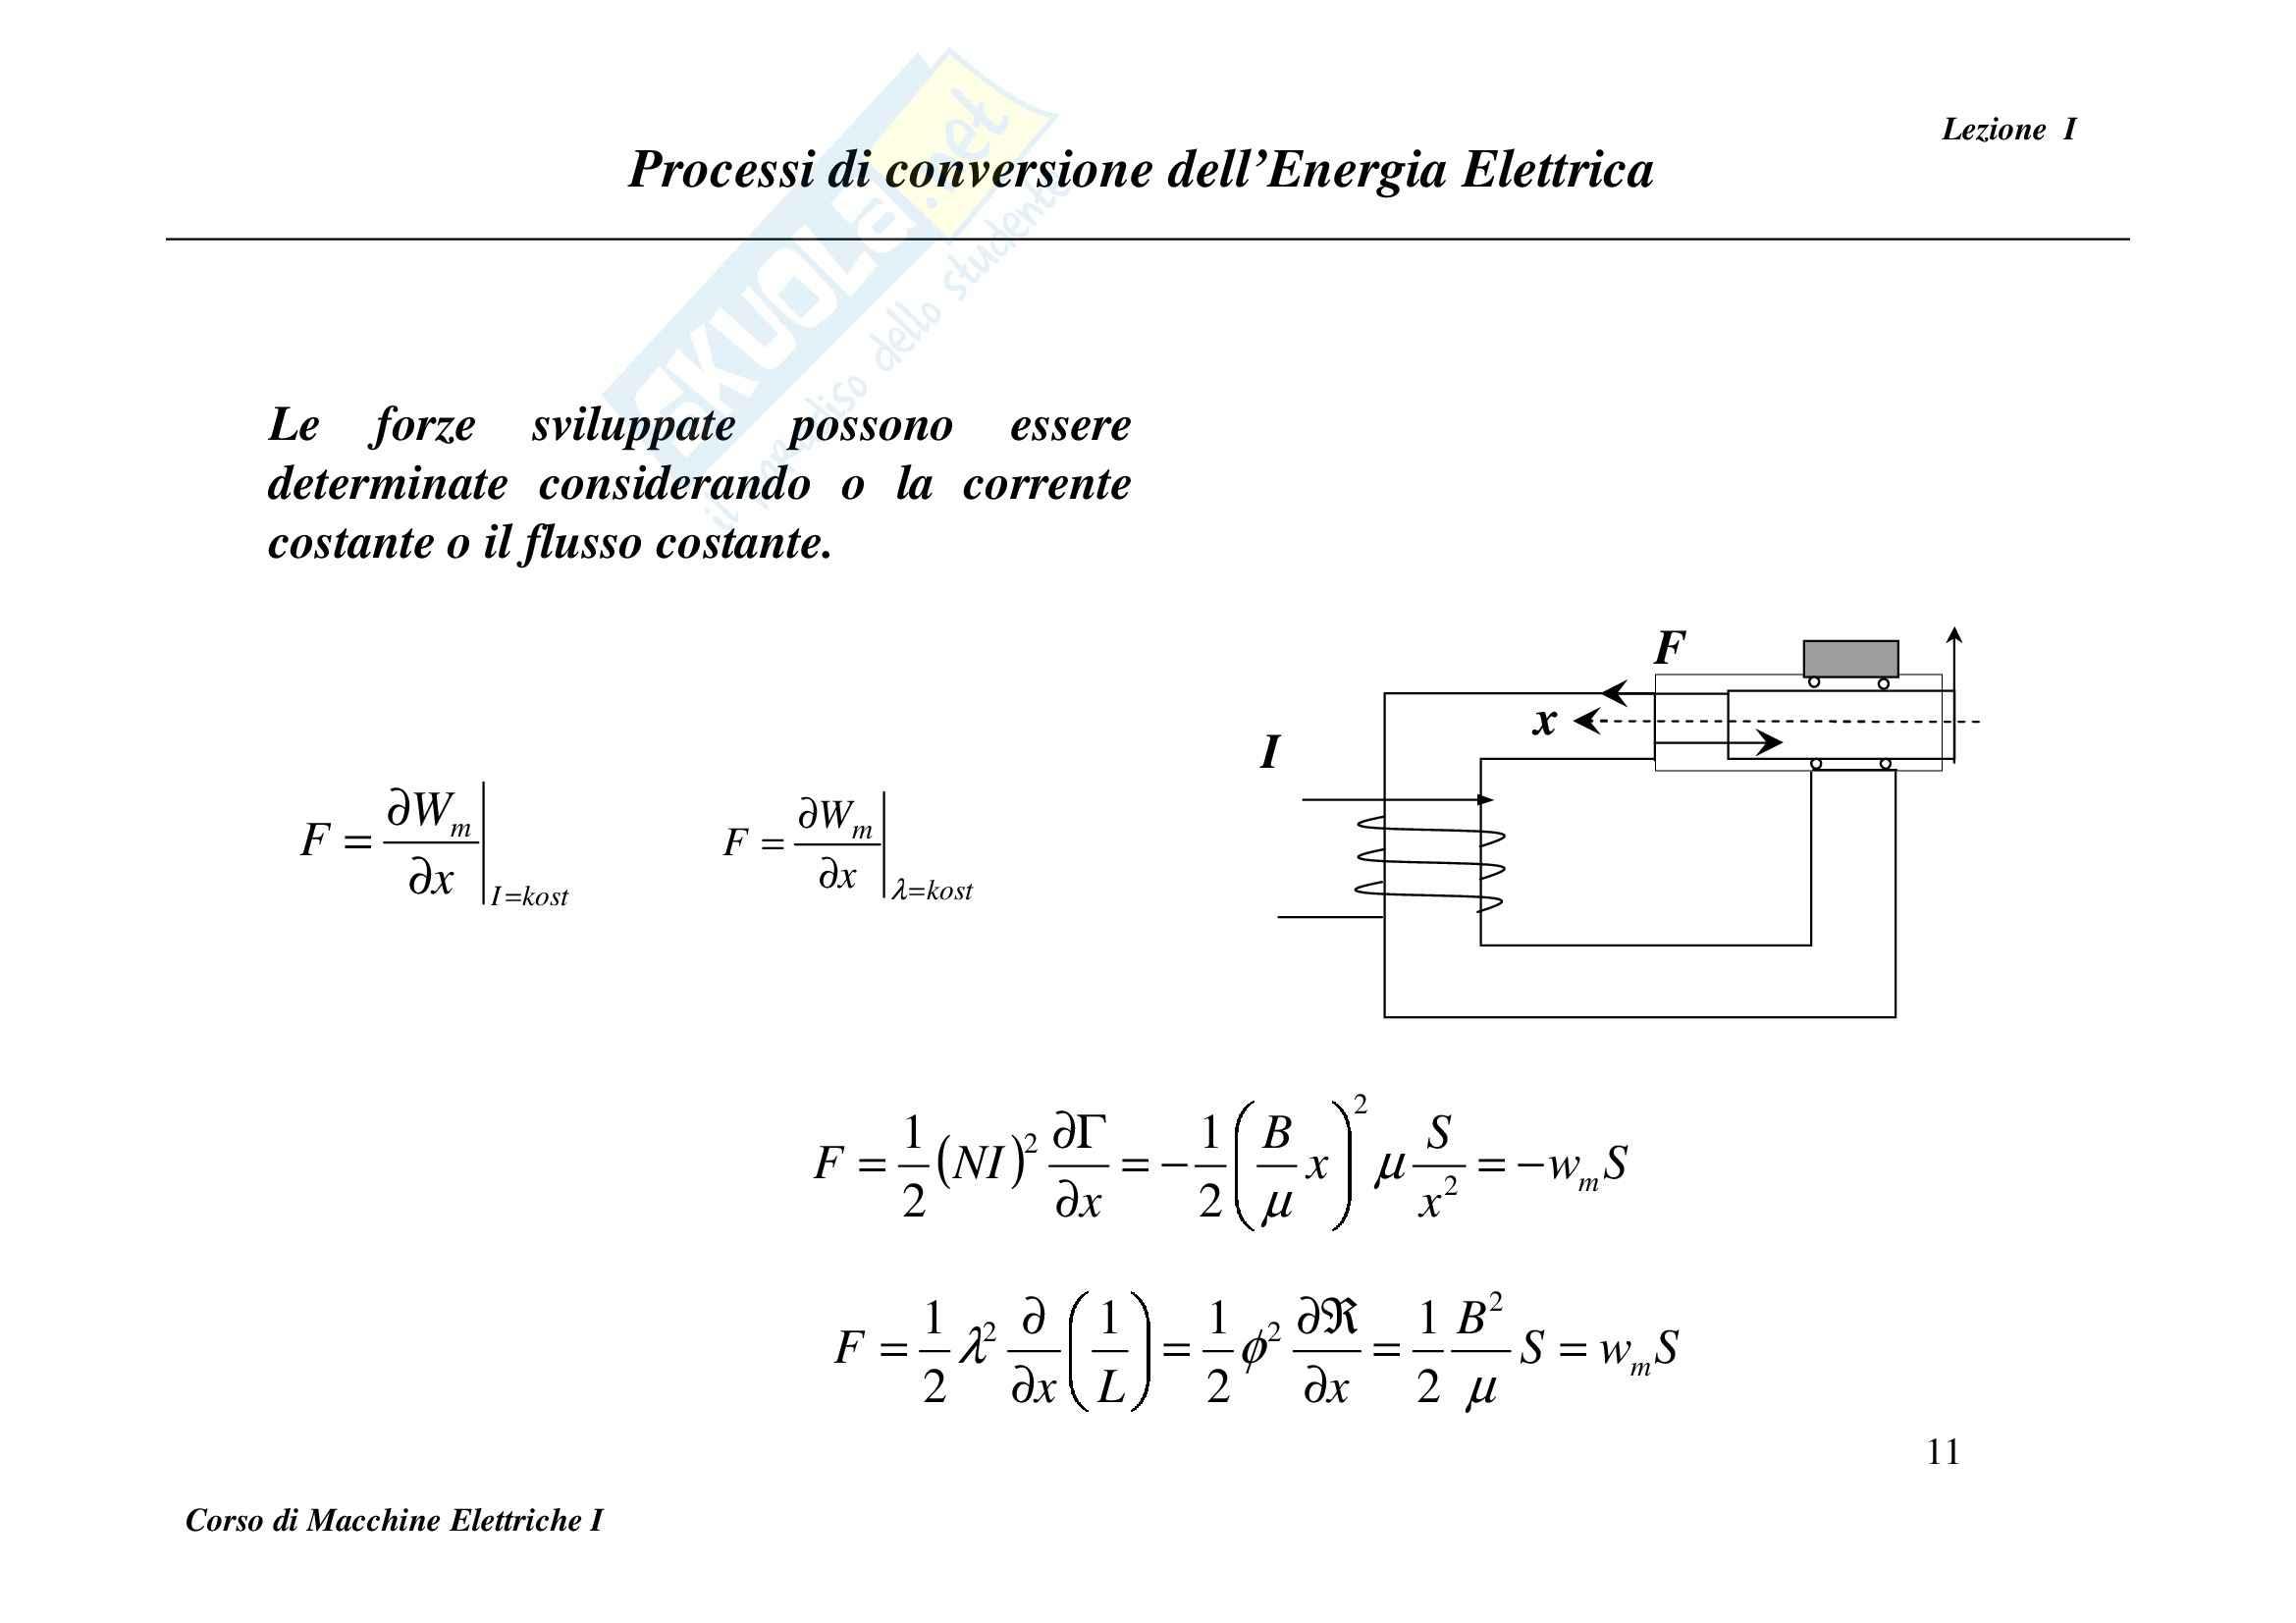 Macchine elettriche, Damiano Pag. 11